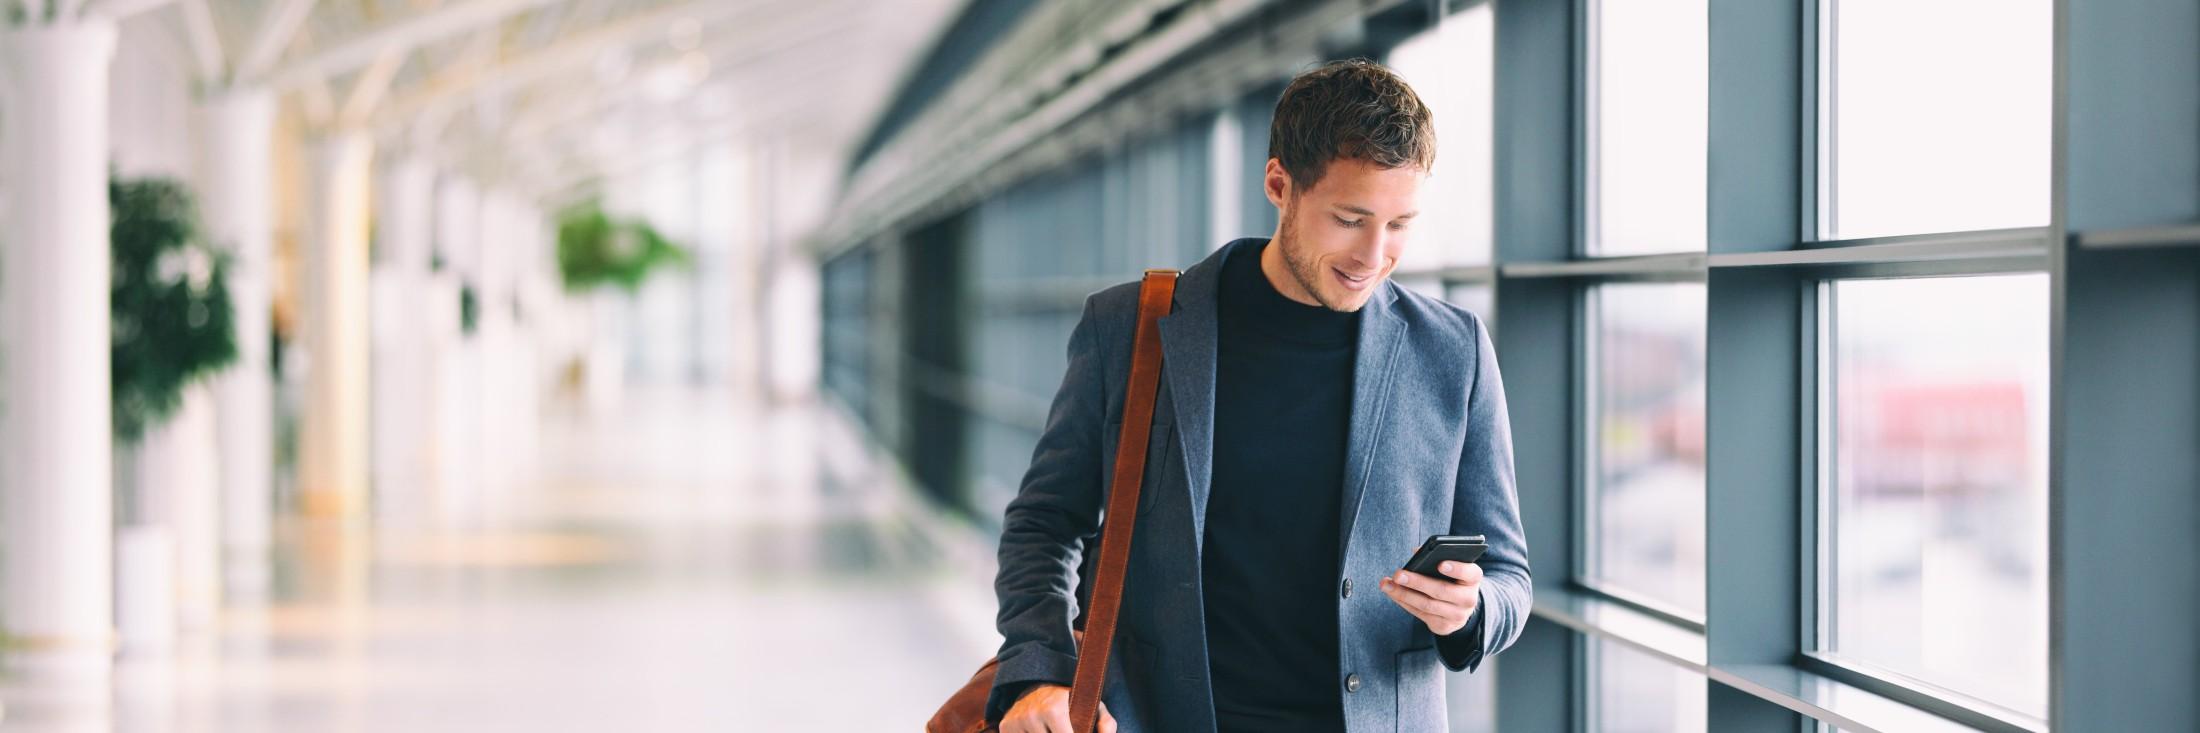 Mobilfunklösungen werden immer wichtiger. Darauf sollten Geschäftskunden heute achten: